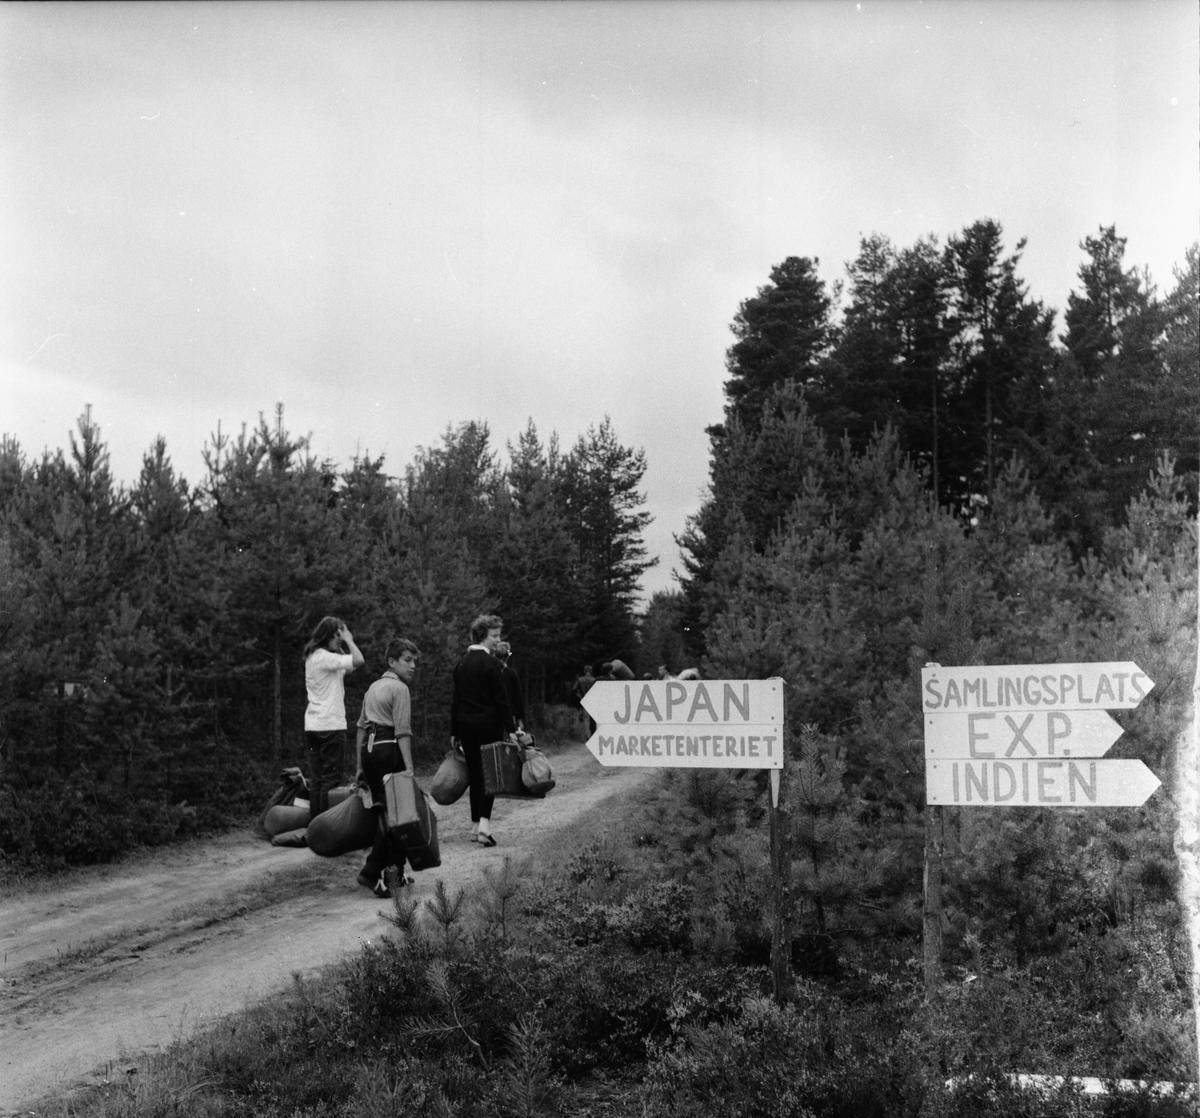 INKOJA-junior och scoutläger på Fagernäs sommaren 1958. Det var på sin tid det största kristna ungdomsläger so hållits i Sverige med 2000 deltagare. Namnet INKOJA stod för de första bokstäverna i Indien, Kongo, Japan. Folk från hela världen var samlade. till och med en färgad fanns med, det var inte vanligt att se färgade i Sverige på den tiden. Emil Mörk var den som hade ansvaret för platsen och han hade tagit kommunen, försvaret och skogsbolagen till hjälp. Alla ställde upp. Lägret blev en succé. Fagernäs augusti 1958.